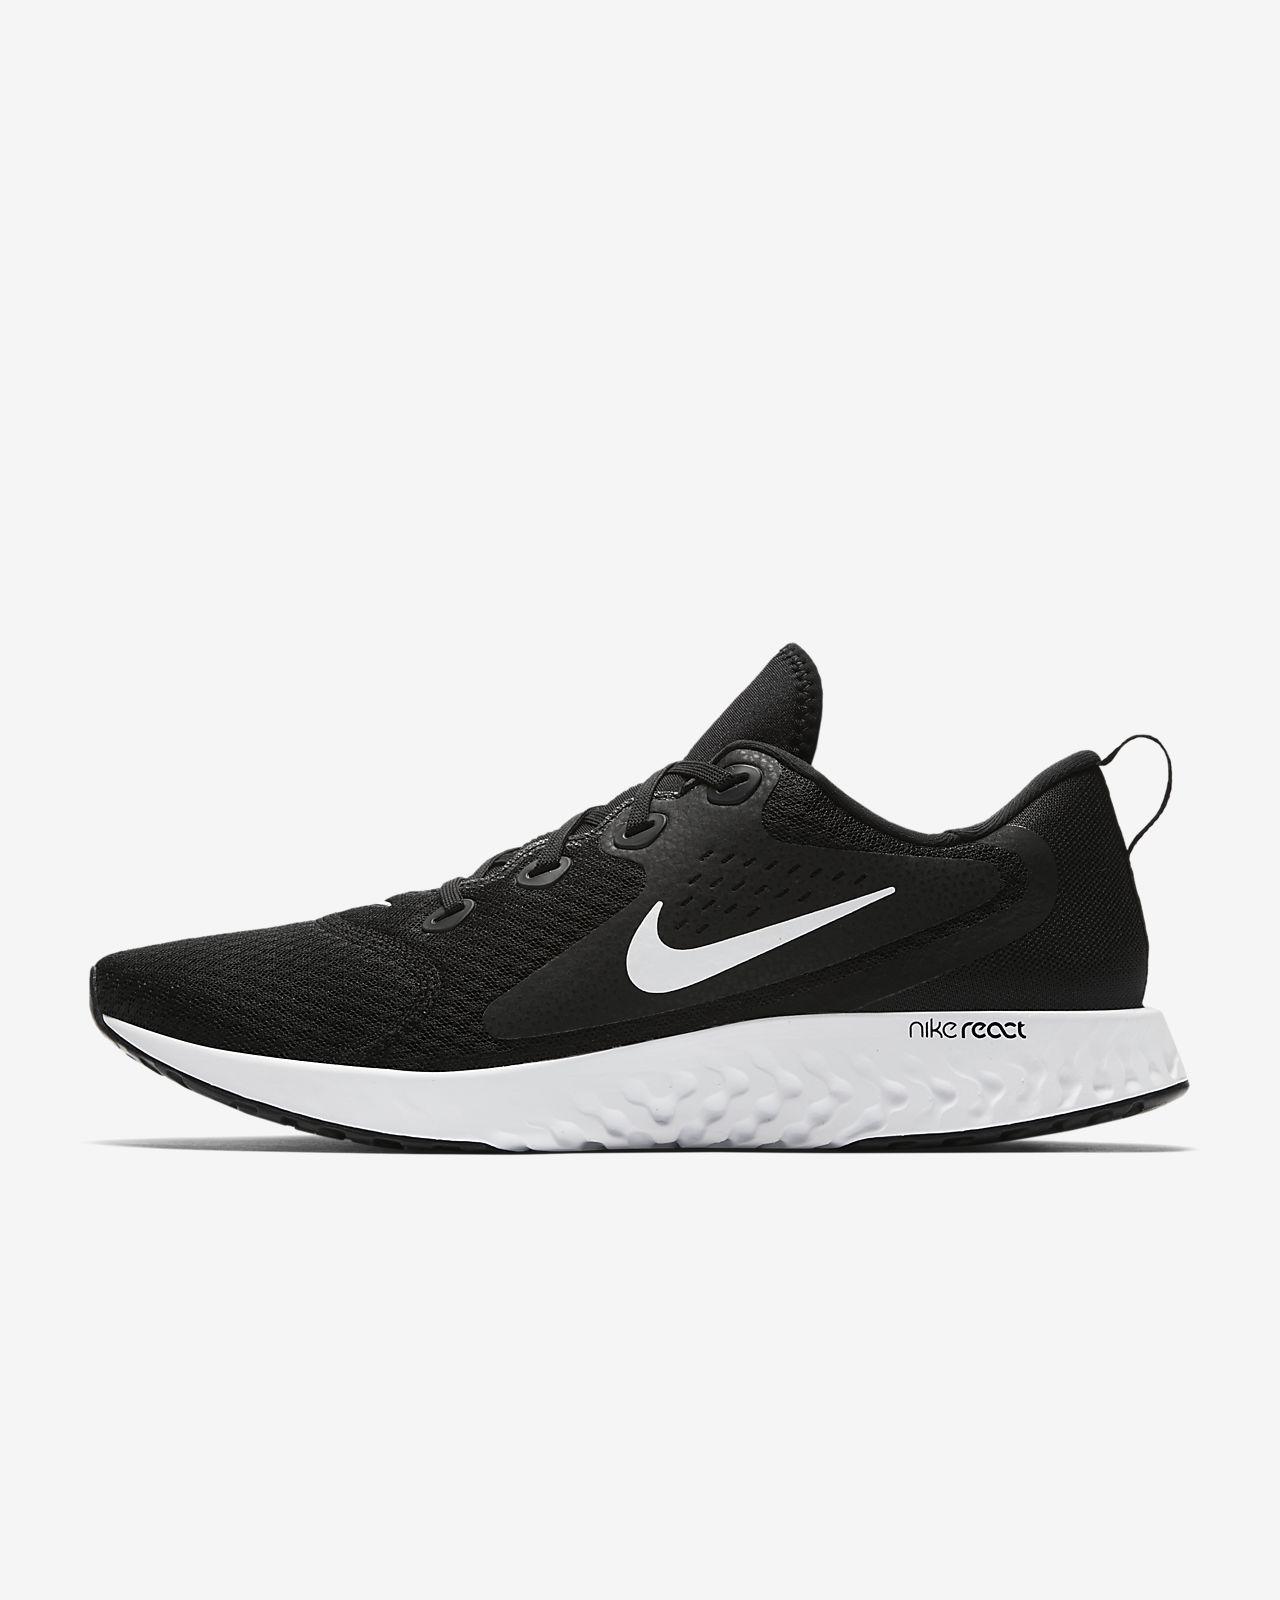 23a698778fb Nike Legend React Zapatillas de running - Hombre. Nike.com ES